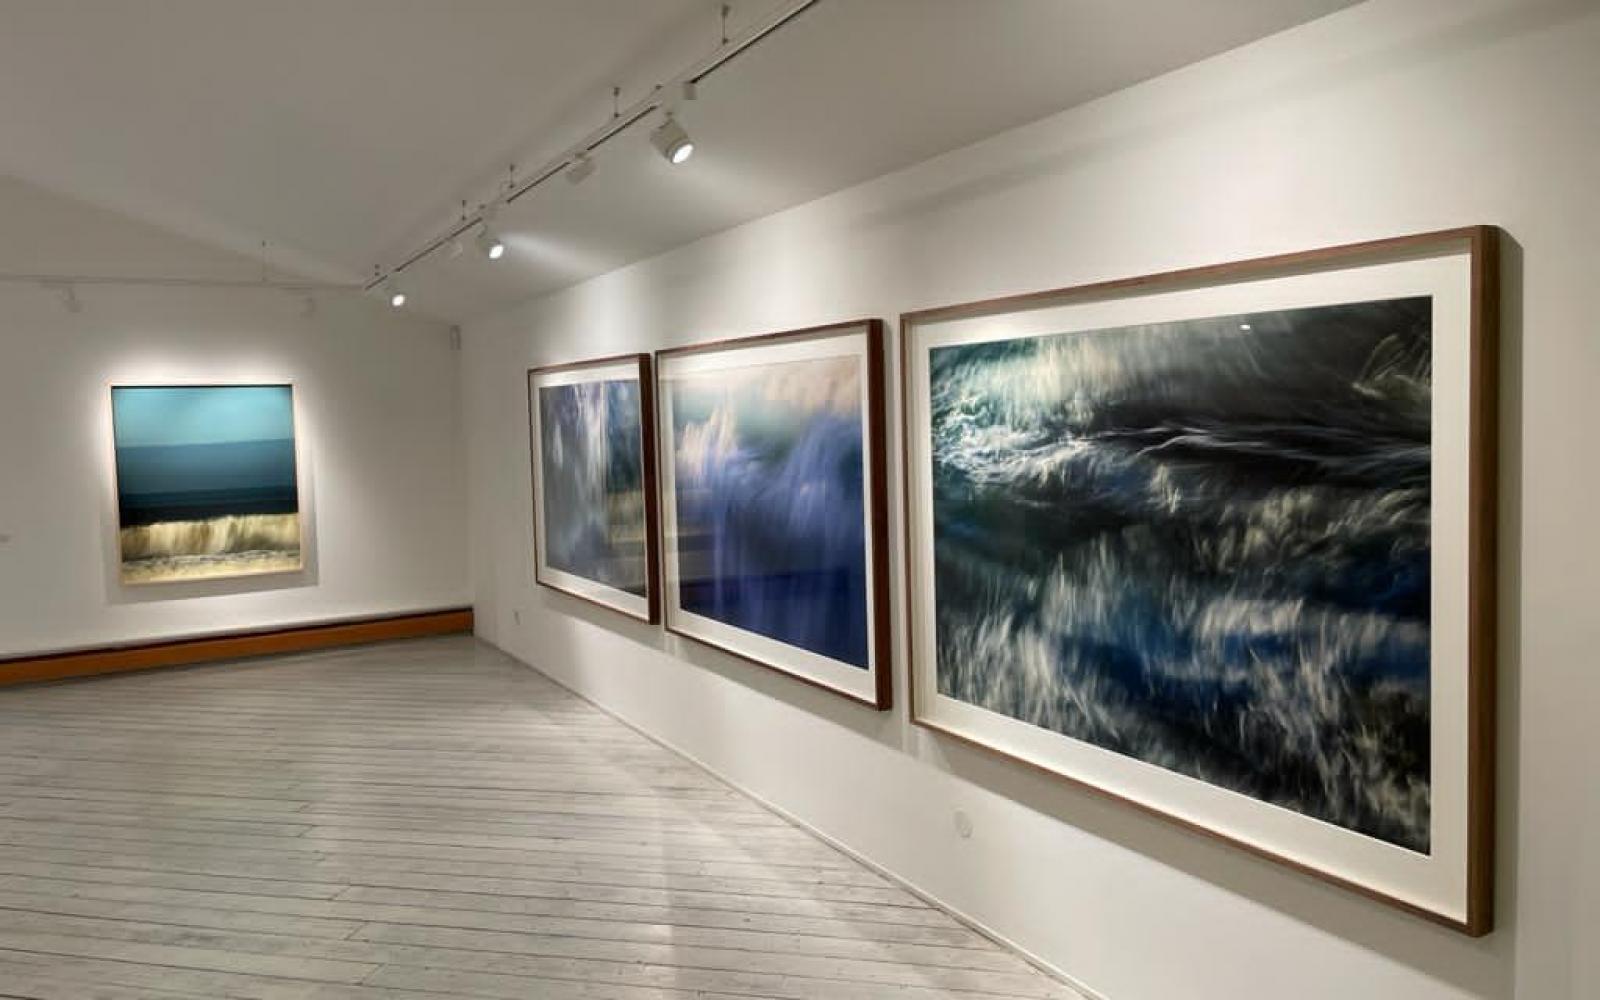 Max Piva Ausstellung Galerie Weihergut